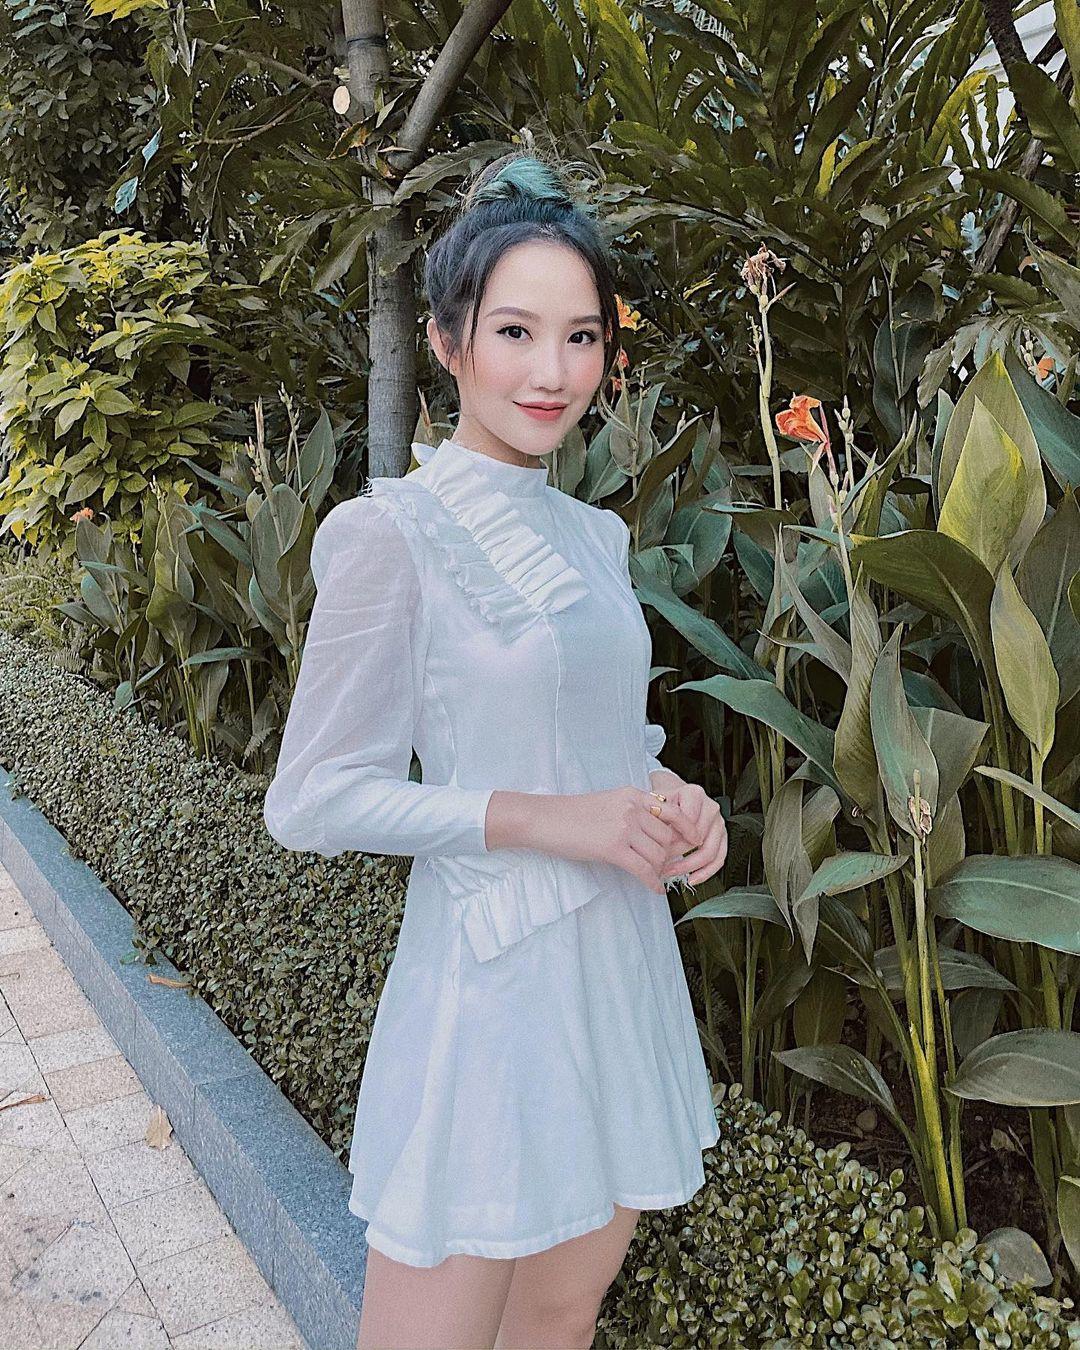 Gu ăn mặc của Primmy hướng đến sự tối giản. Cô thường diện váy liền, hoặc áo váy kết hợp nhẹ nhàng, theo những tông màu đơn sắc, để tôn lên vẻ đẹp trong trẻo.